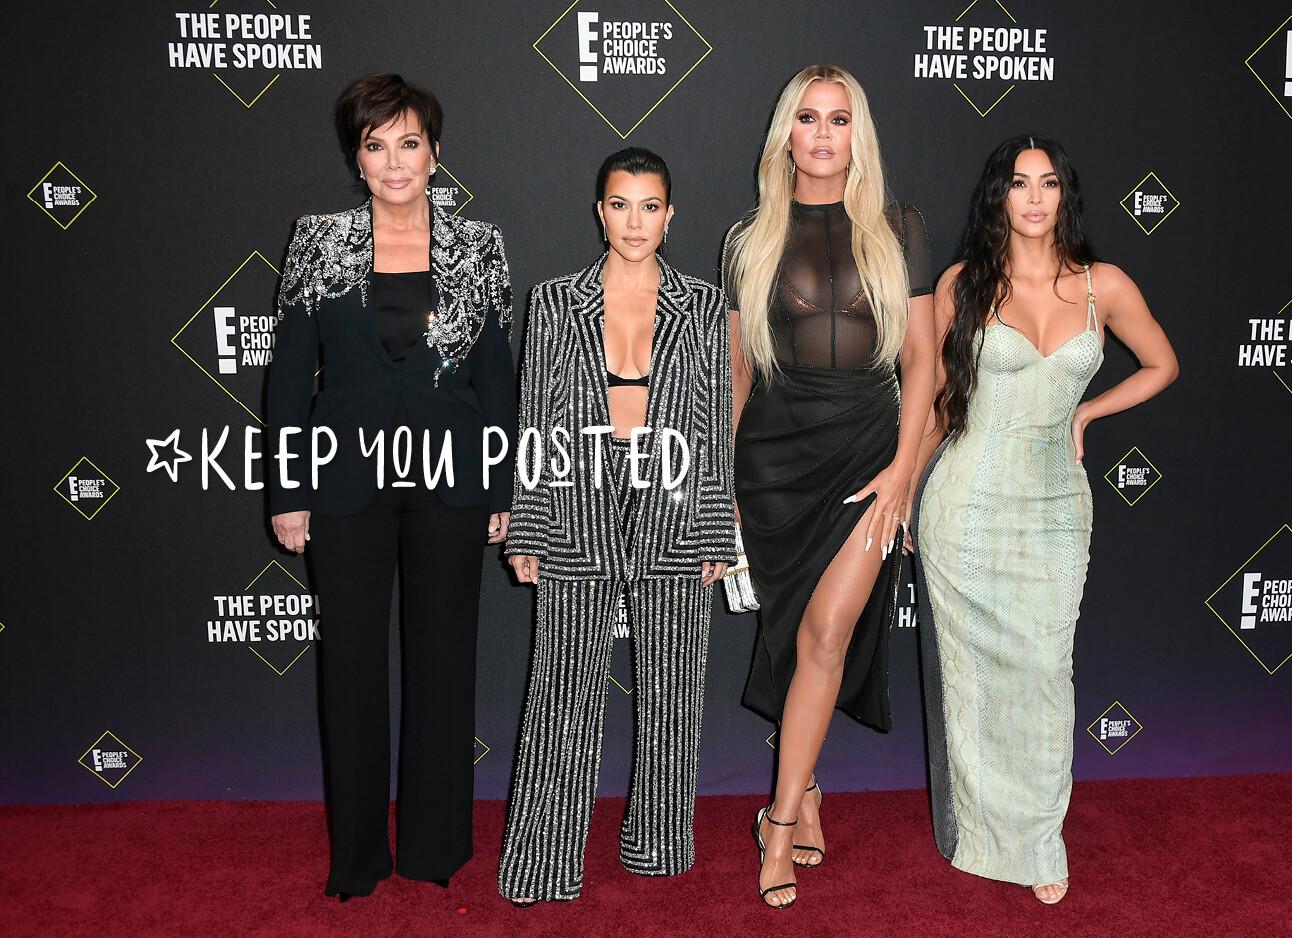 Zijn De Kardashians verslaafd aan geld, denk je?